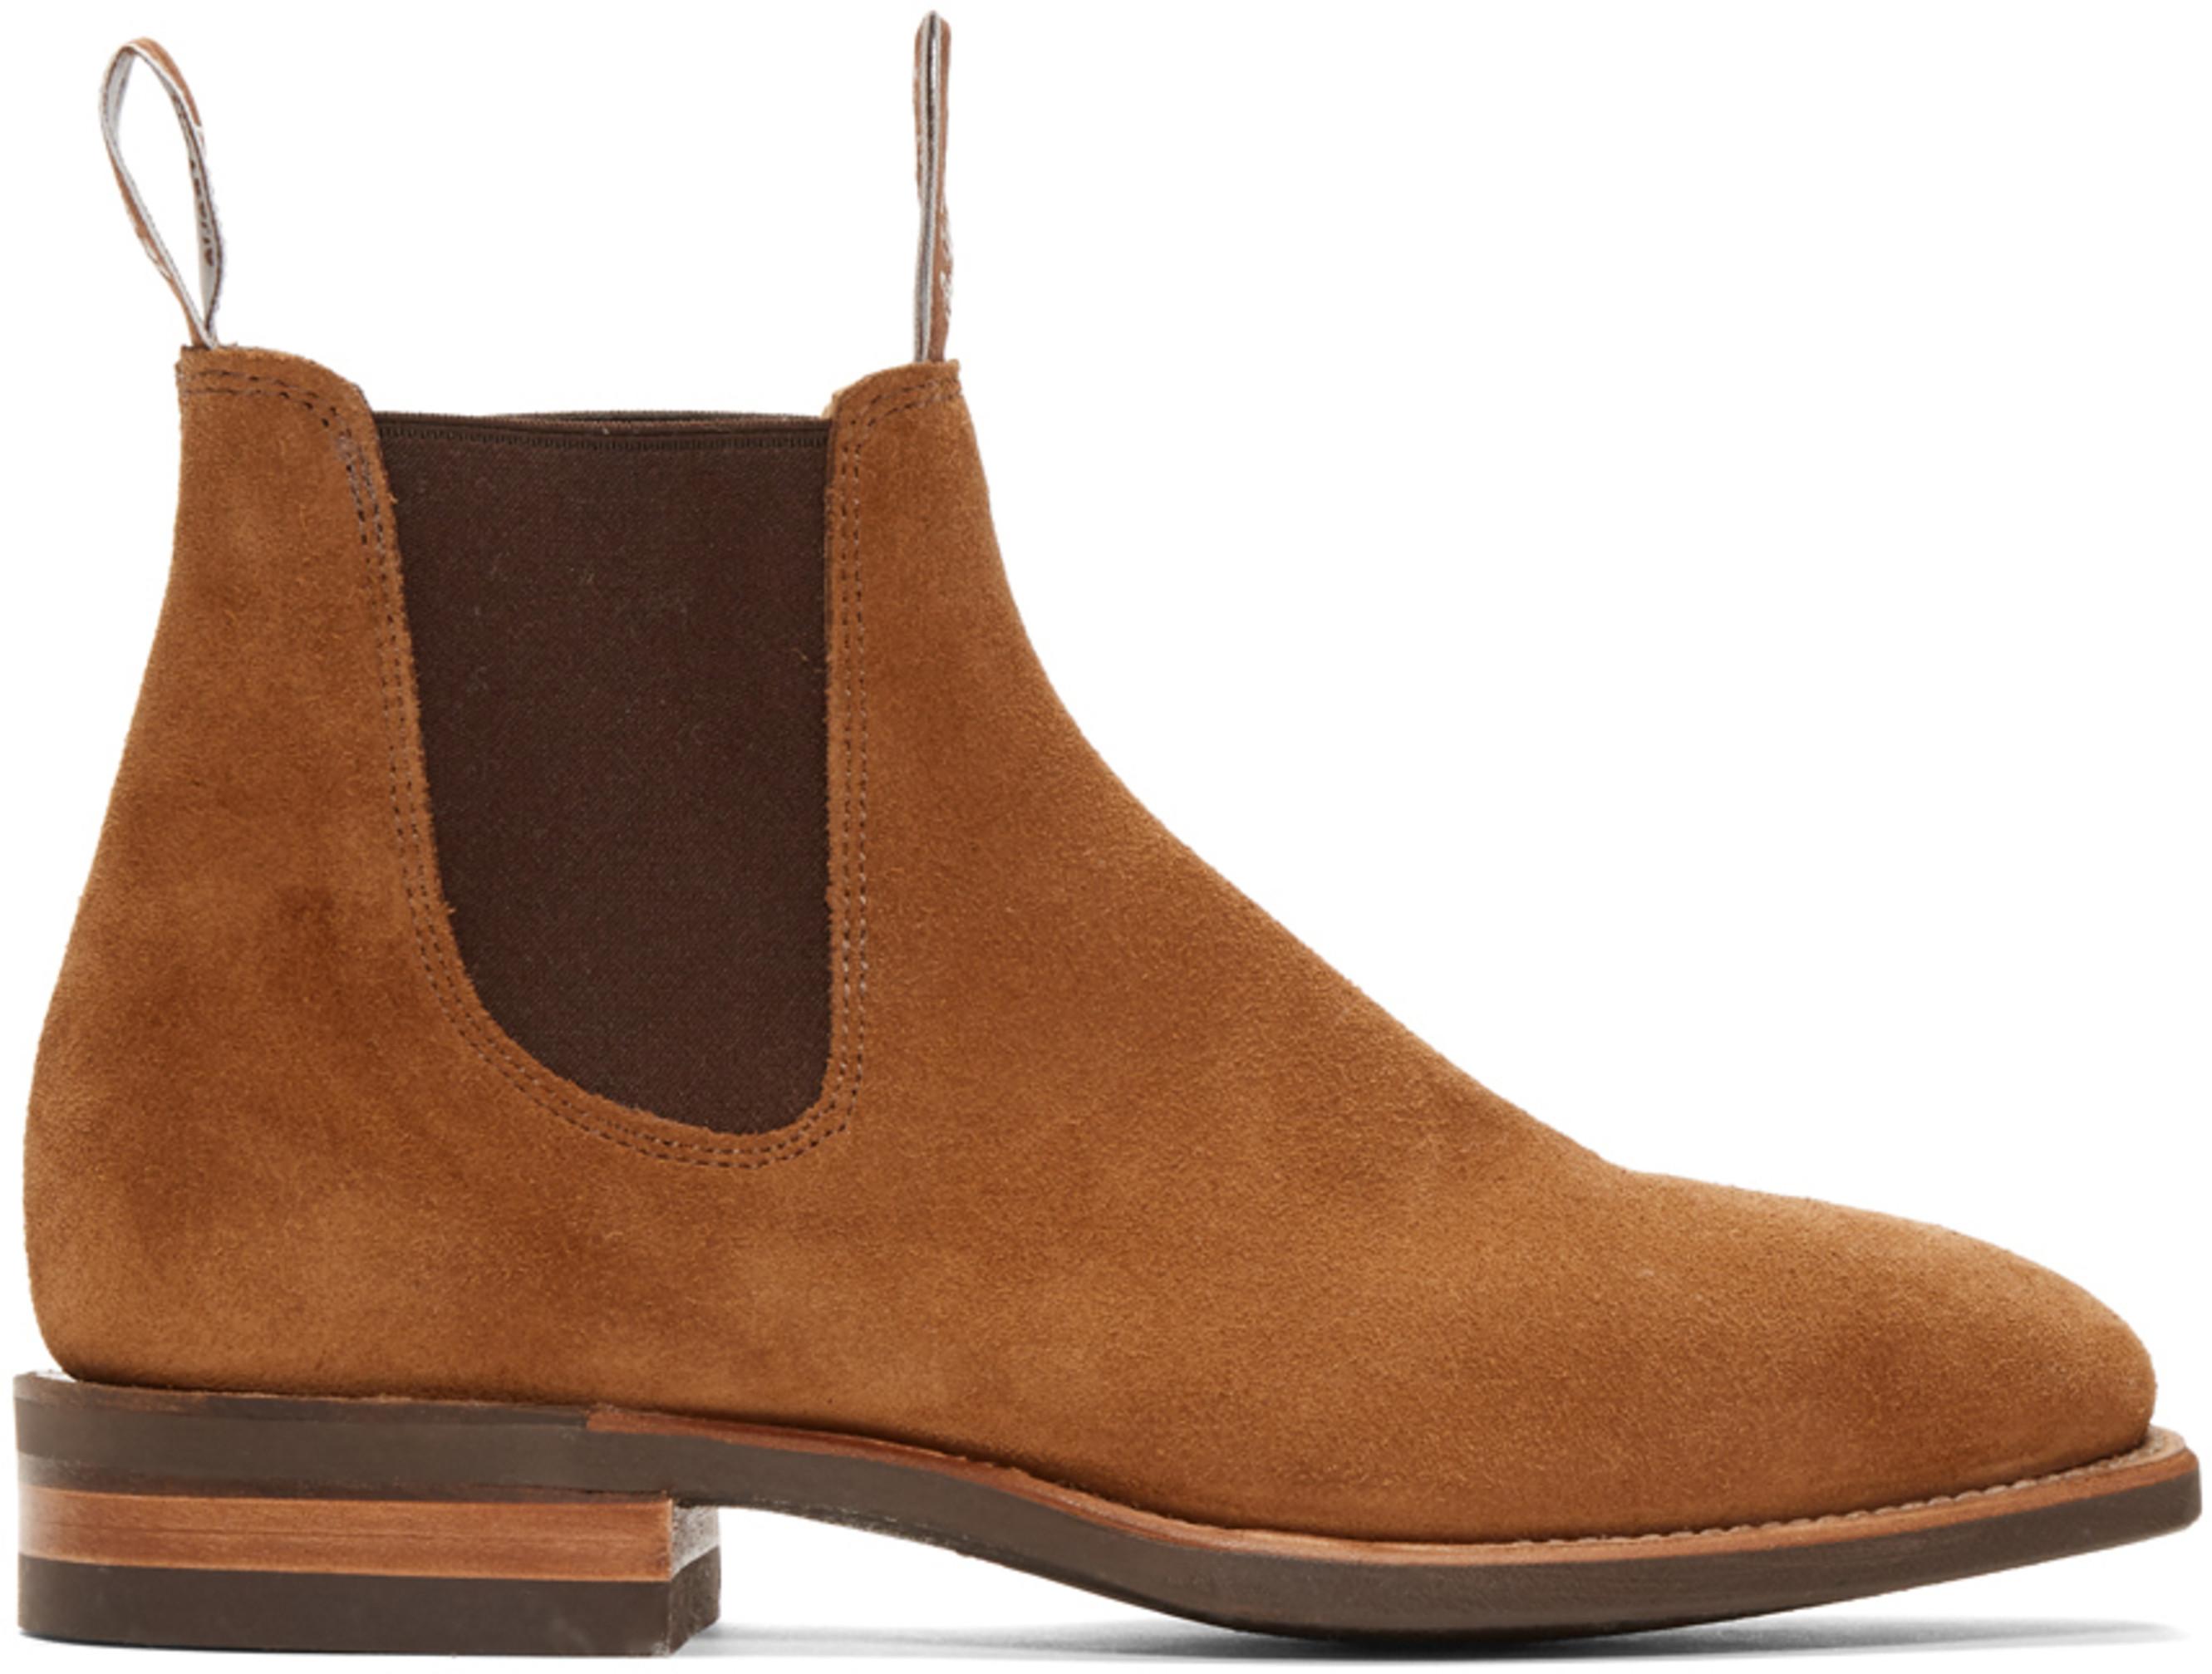 68a03633f12 Designer boots for Men